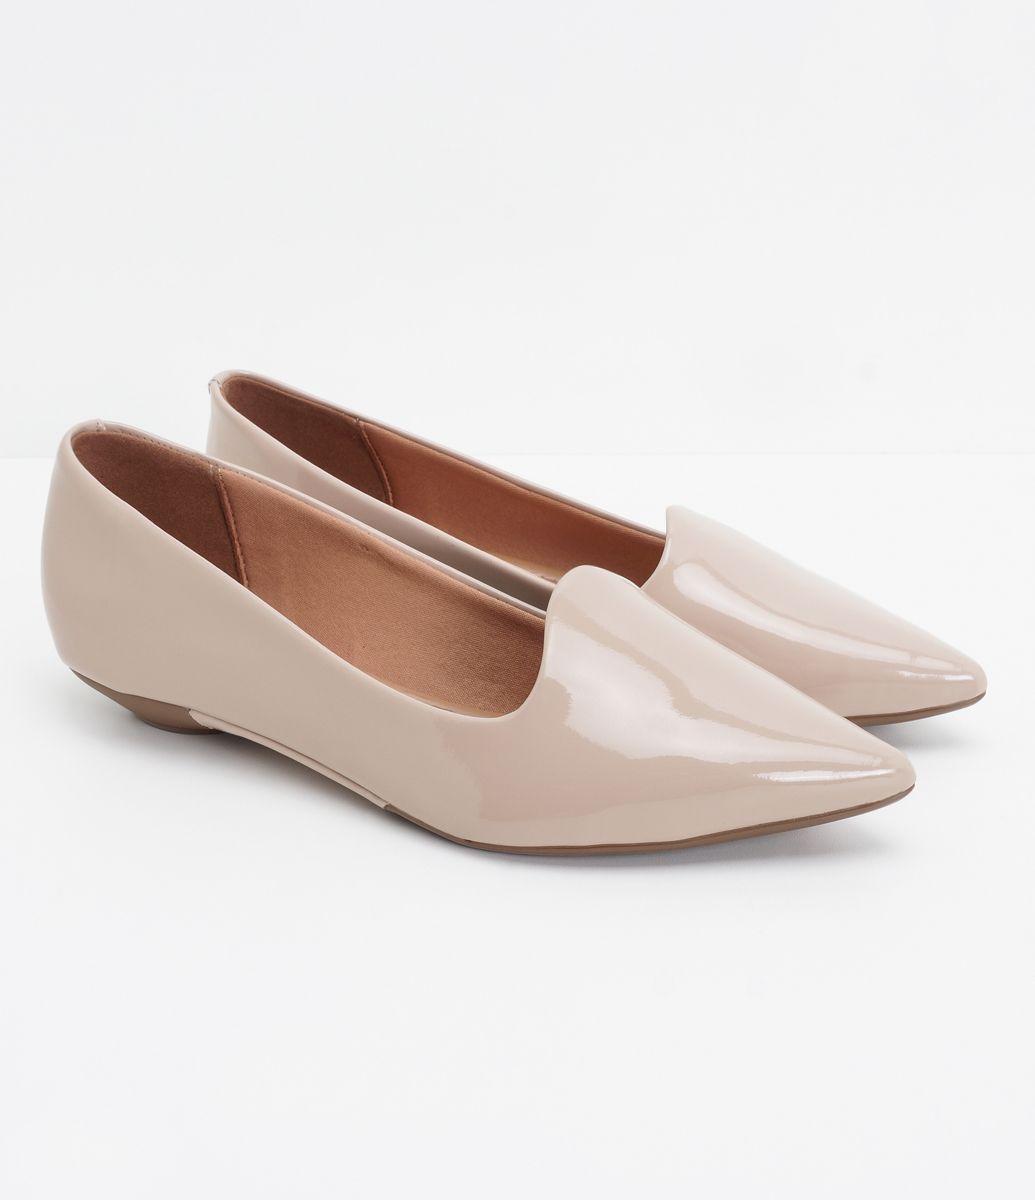 aff63caebf Sapatilha feminina Material  sintético Modelo slipper Marca  Vizzano  COLEÇÃO INVERNO 2017 Veja outras opções de sapatilhas femininas.